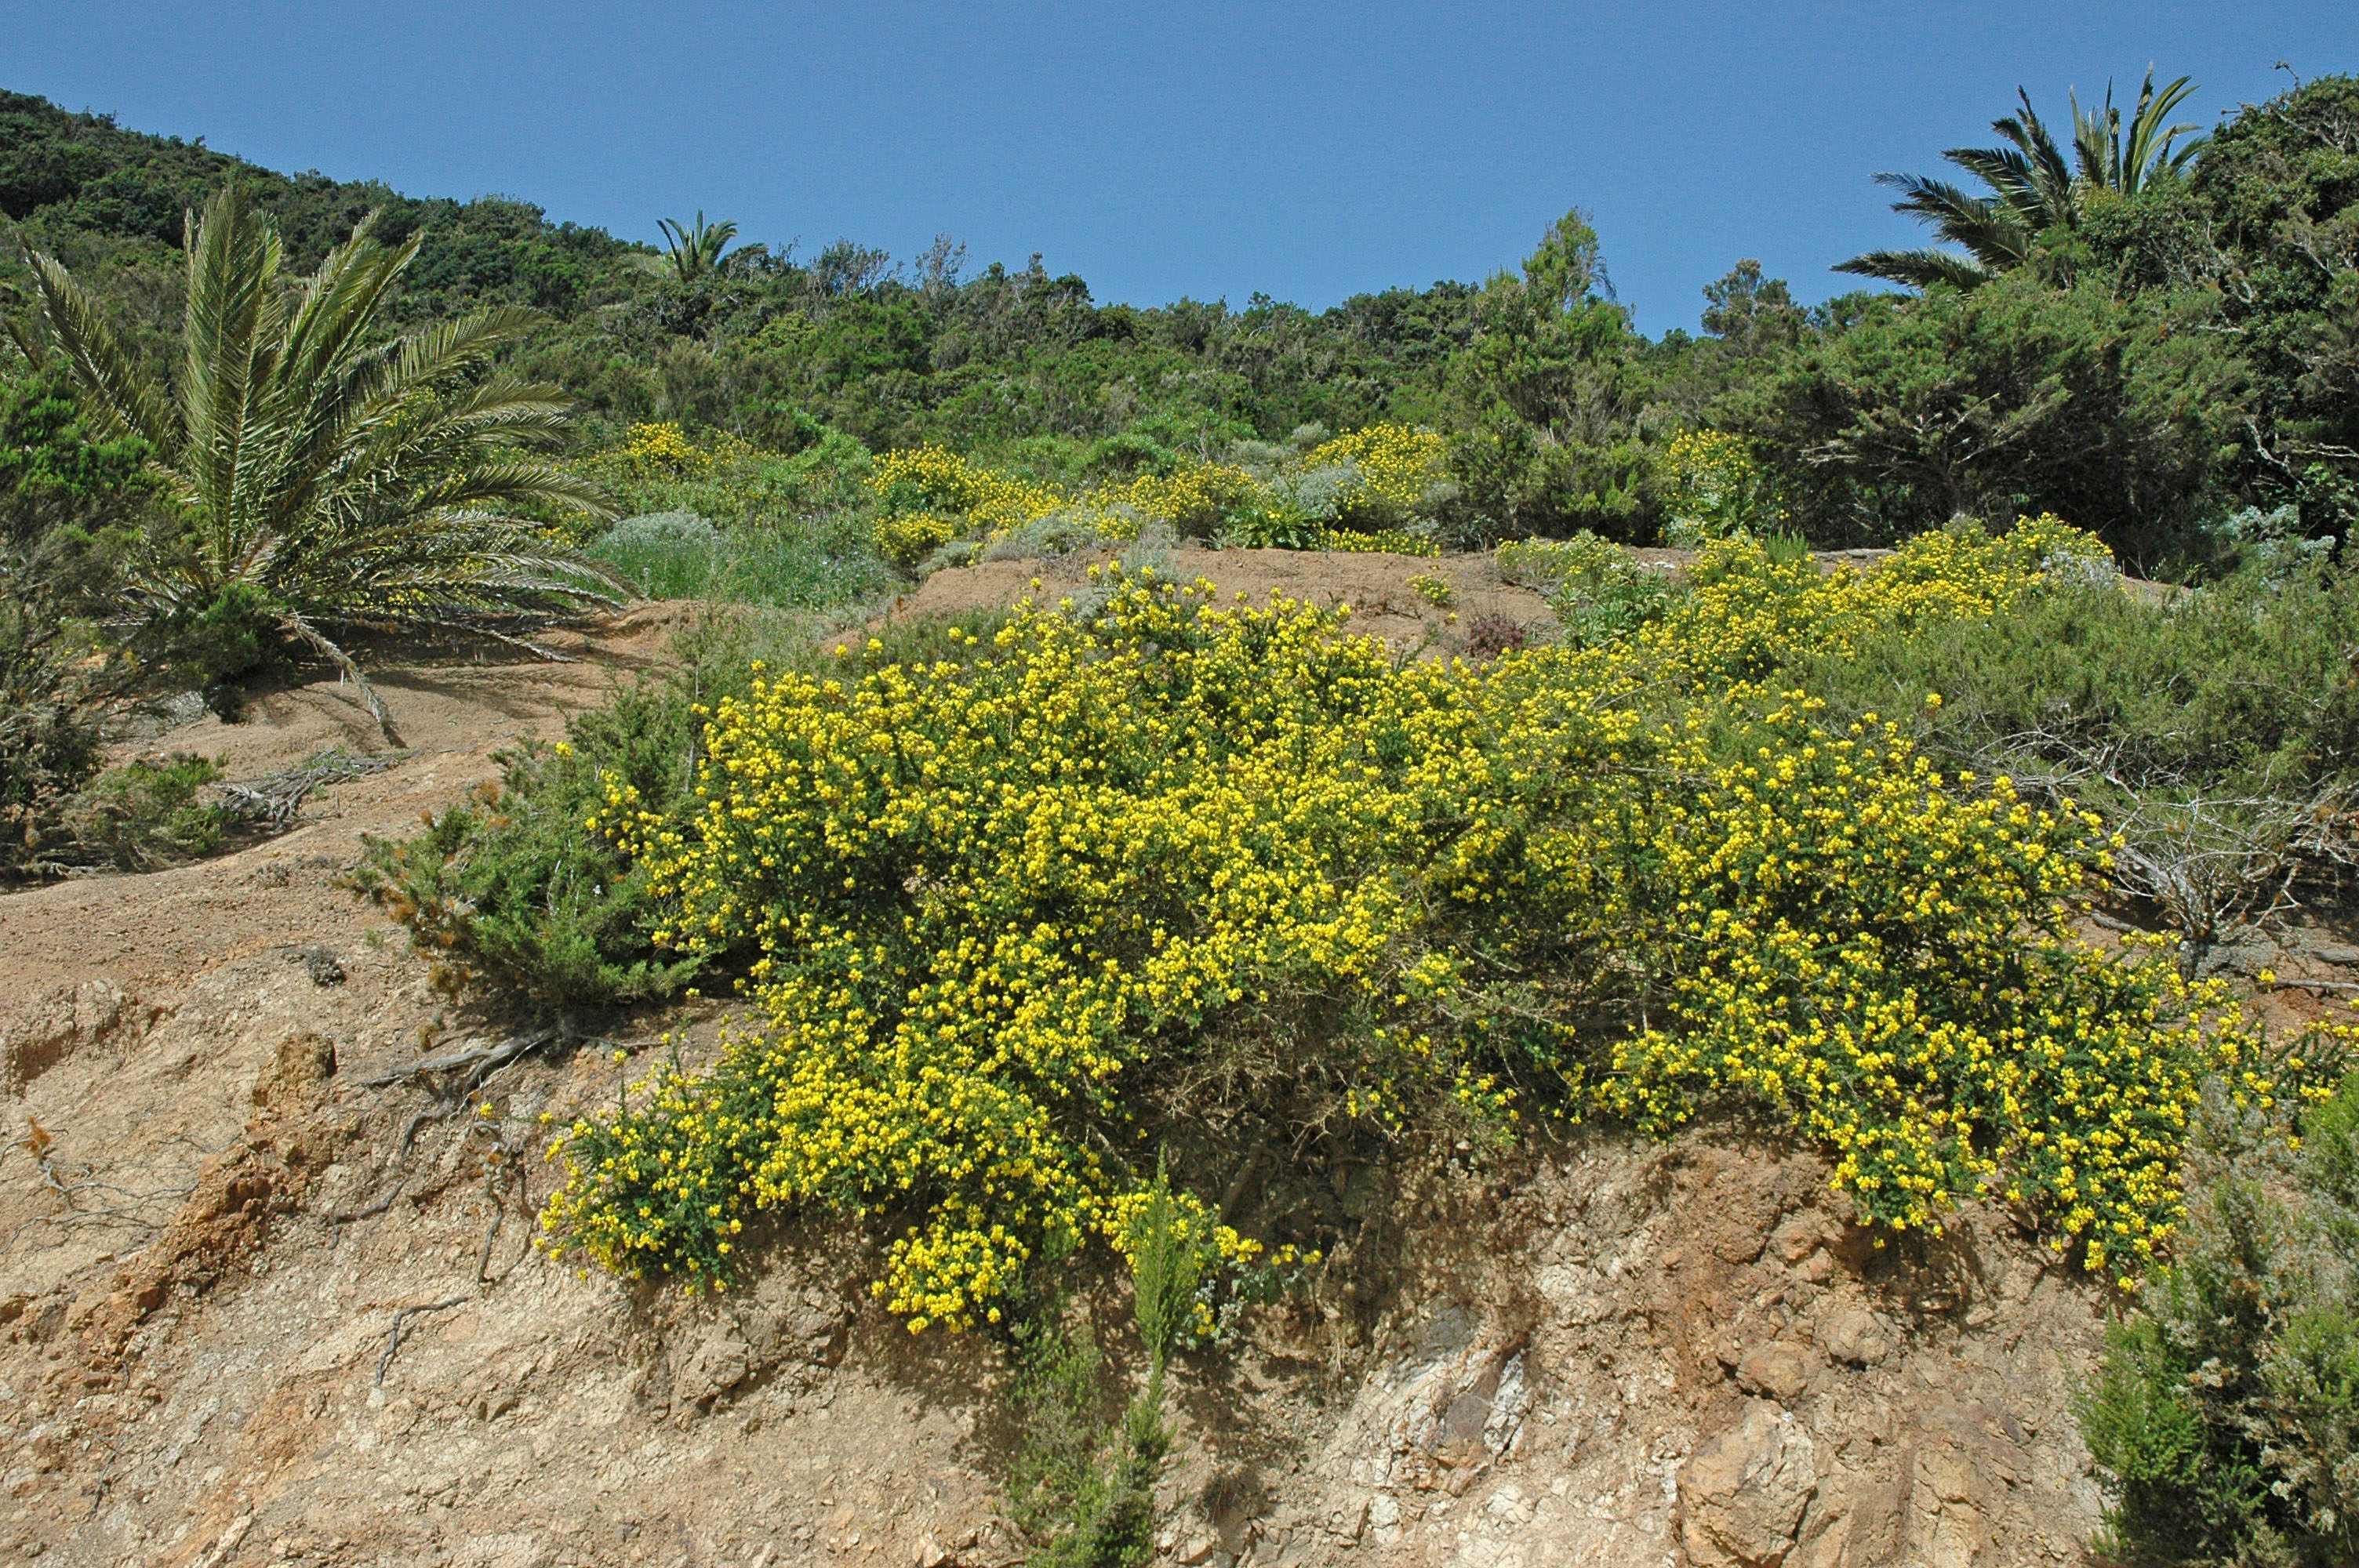 Adenocarpus foliolosus